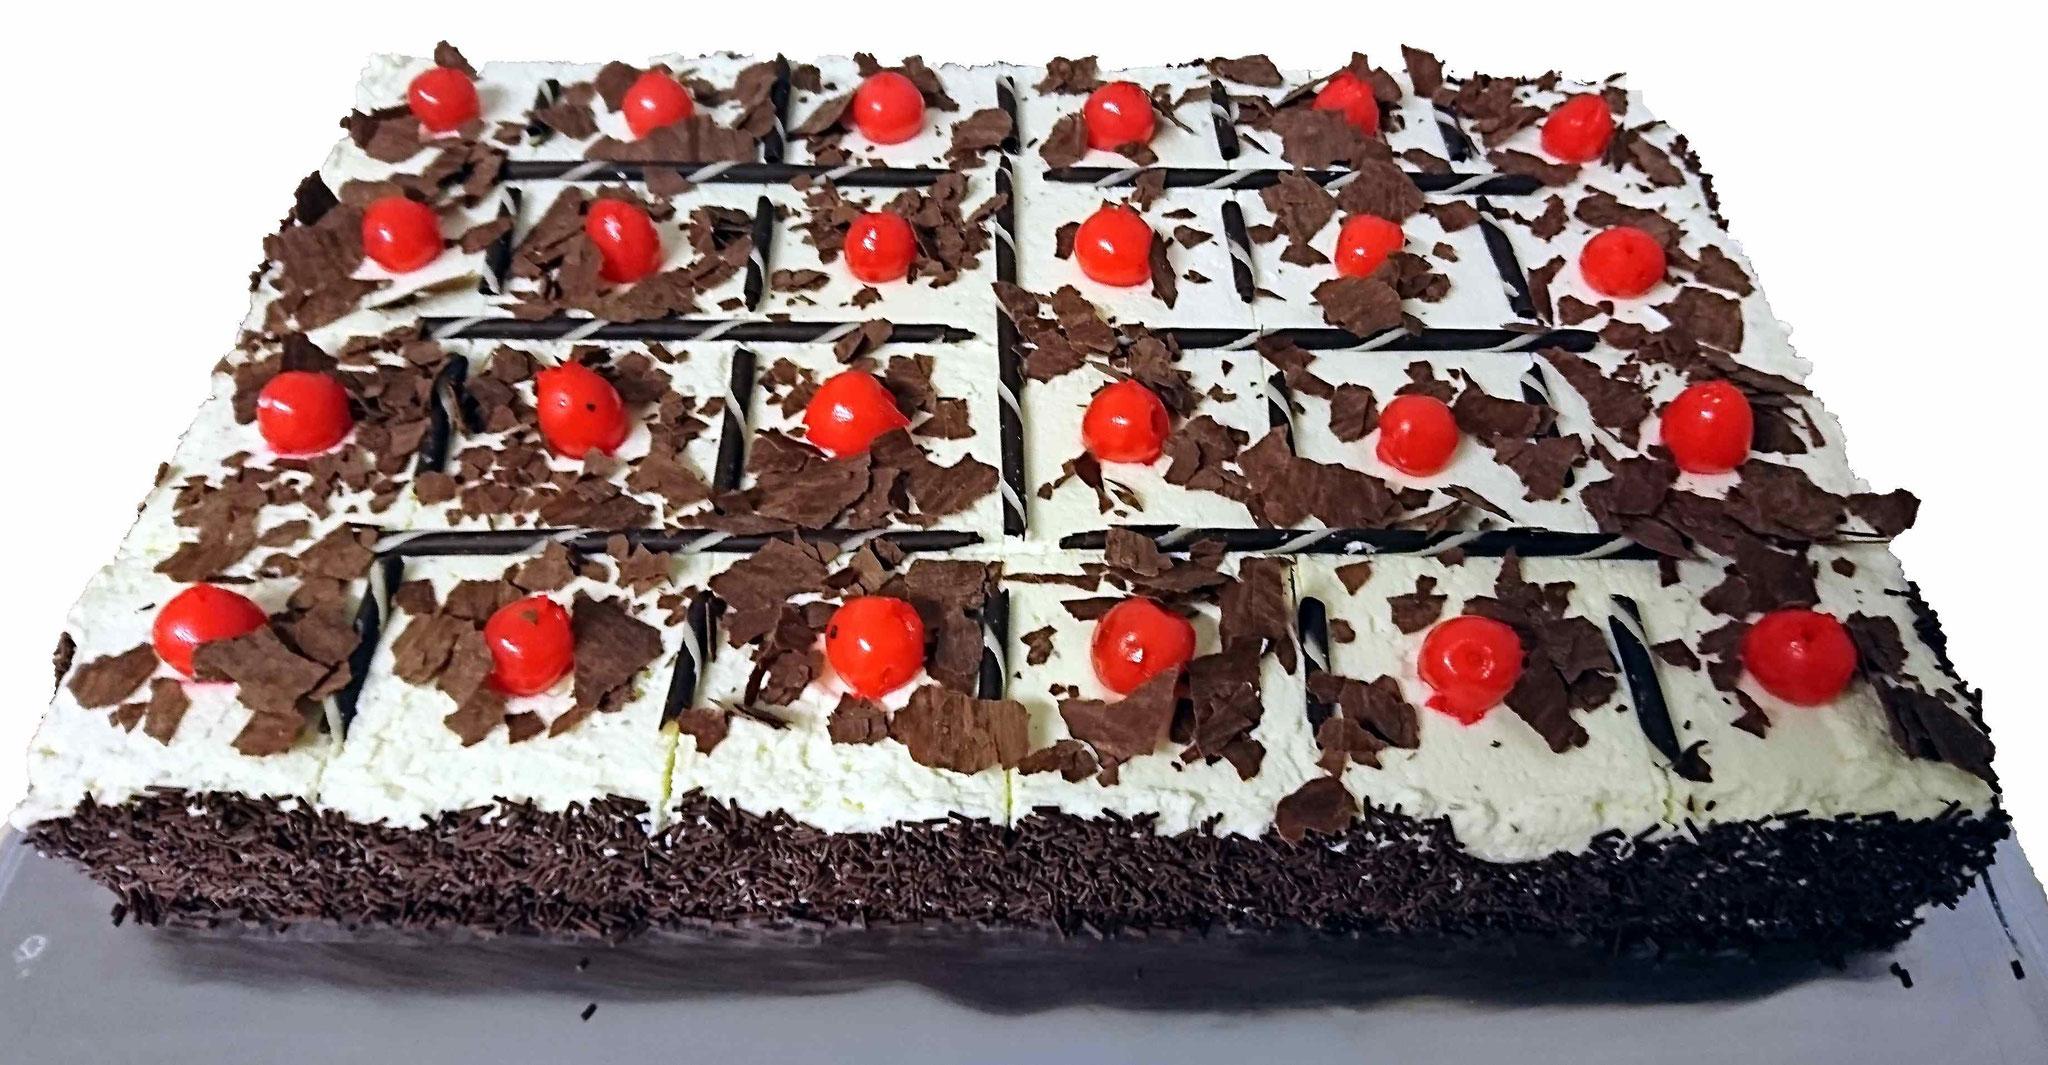 Schwarzwälder Torte, Portionen. Stk. ca. 4cm x 4cm. Tortengrösse L: ca. 42cm, B: ca. 28cm, H: ca. 5cm. 24 Portionen